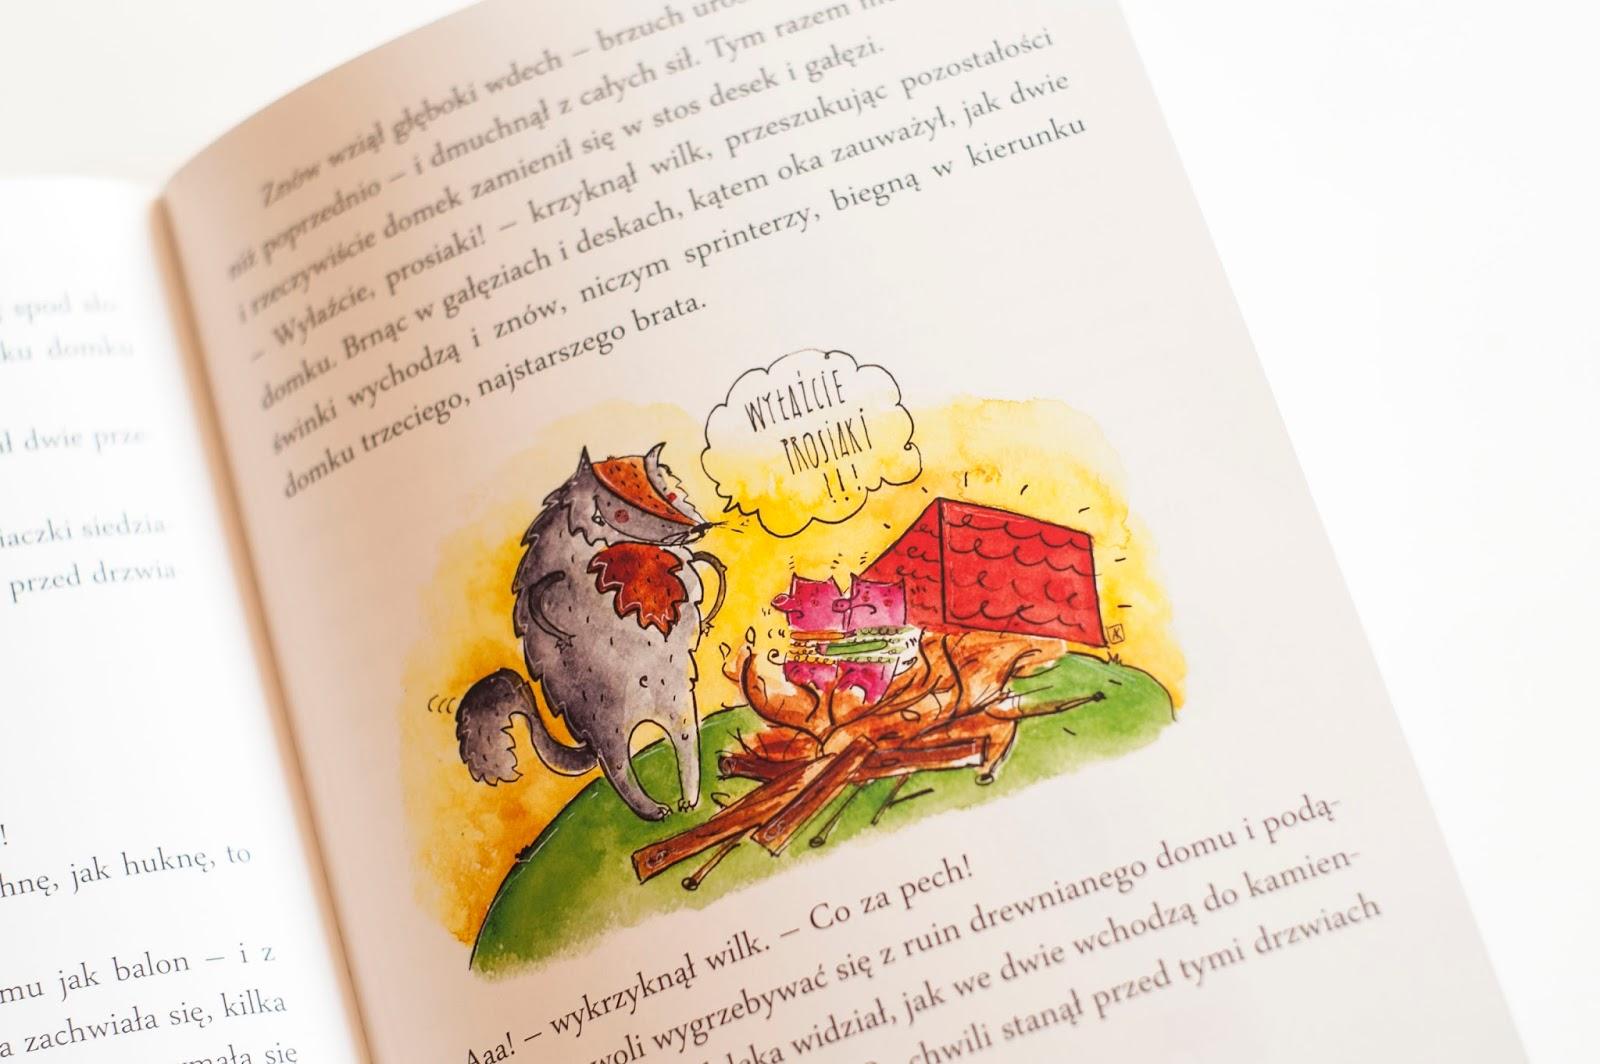 ilustracje dla dzieci: Prawdziwa historia wilka z lasu.